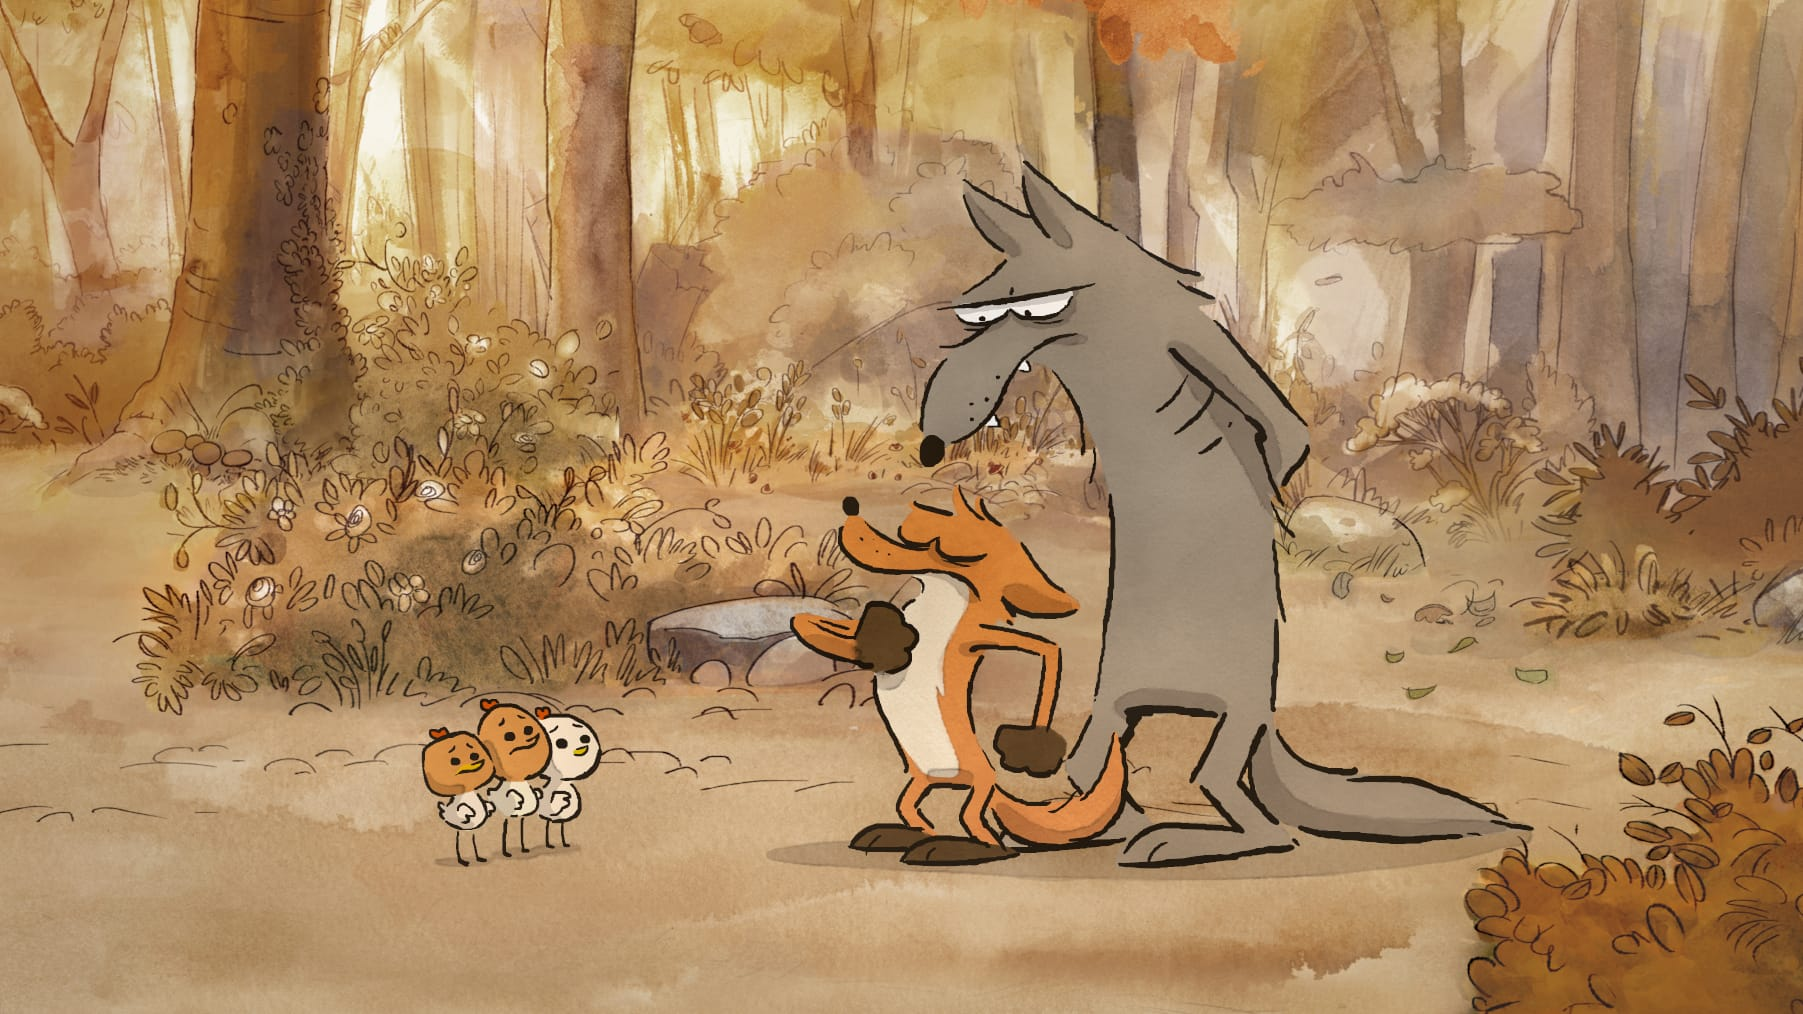 Le grand méchant renard et autres contes image 3